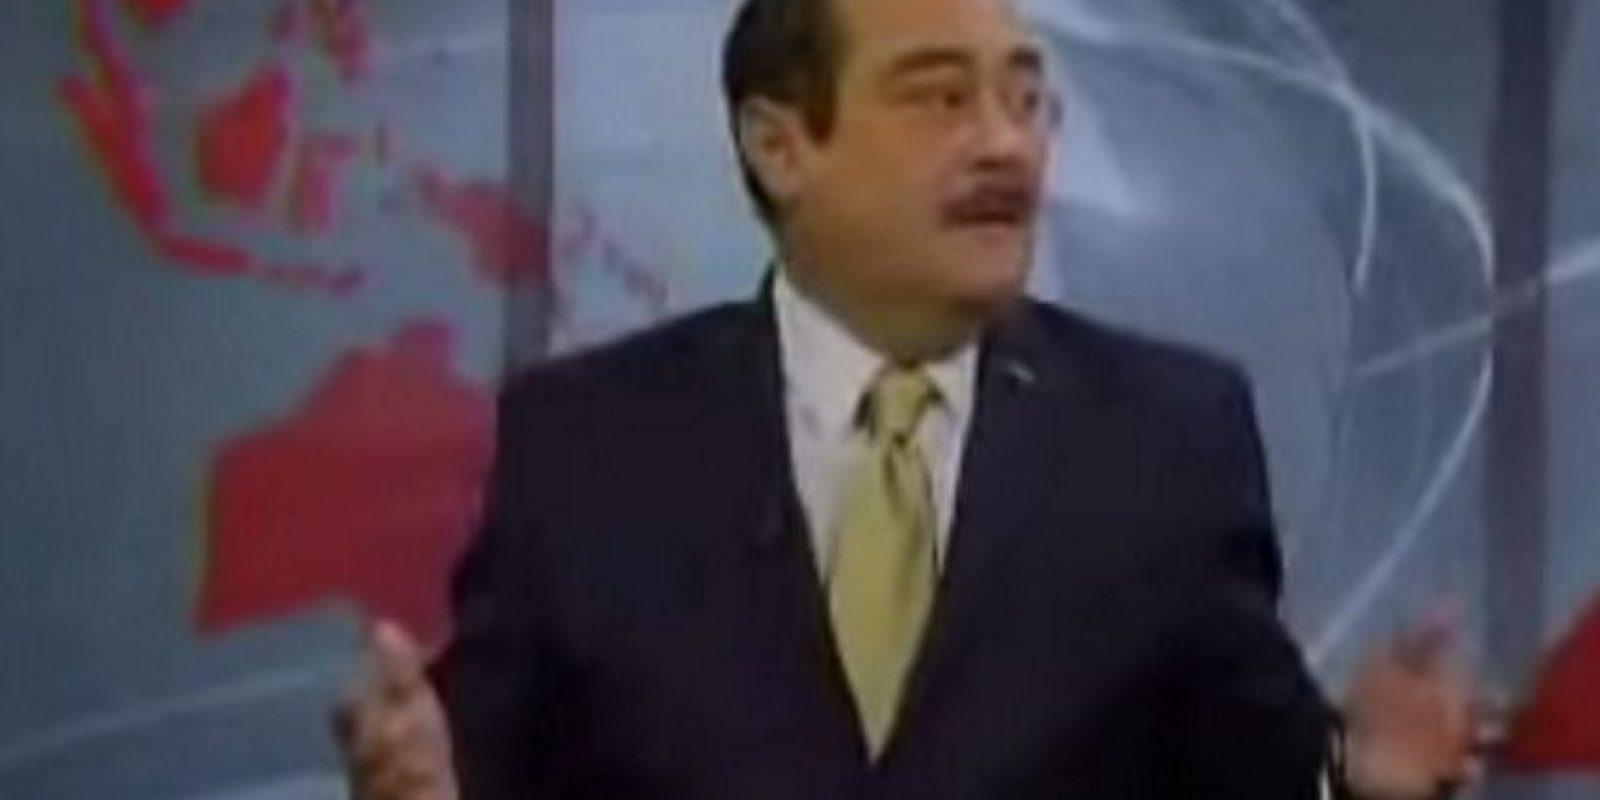 Periodista mexicano insulta y se refiere despectivamente a sus colegas de otra televisora sin saber que estaba al aire. Los memes no faltaron. Foto:vía Toutube.com